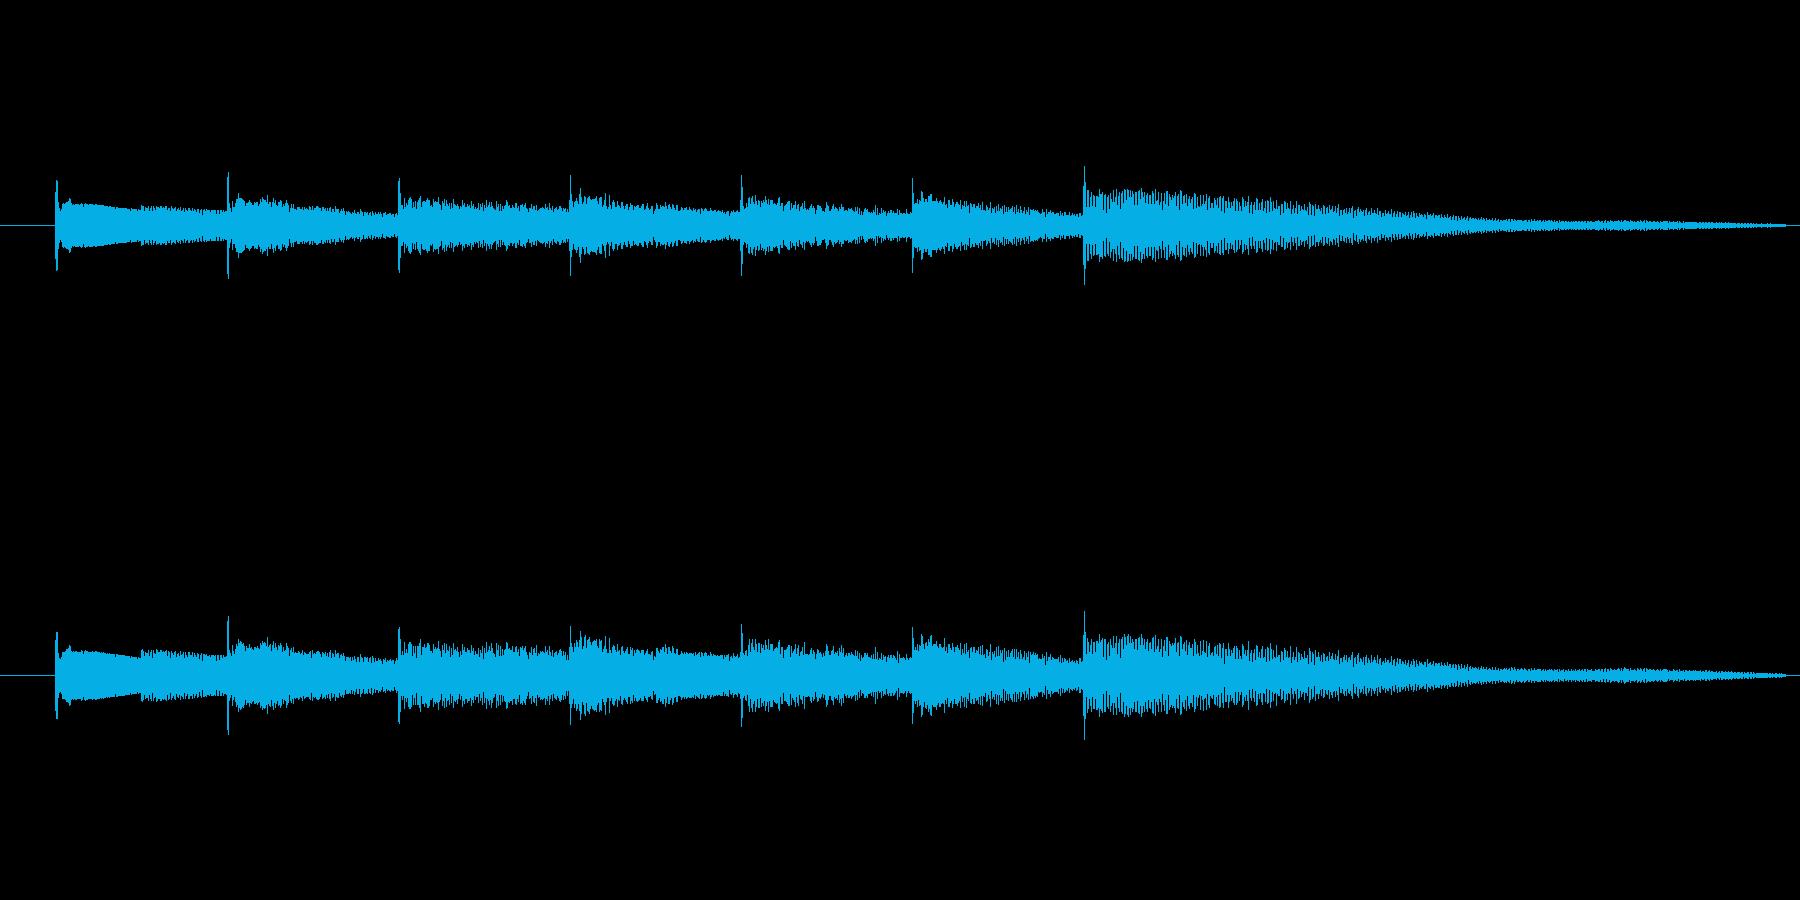 キラキラした透明感のあるオルゴールベルの再生済みの波形